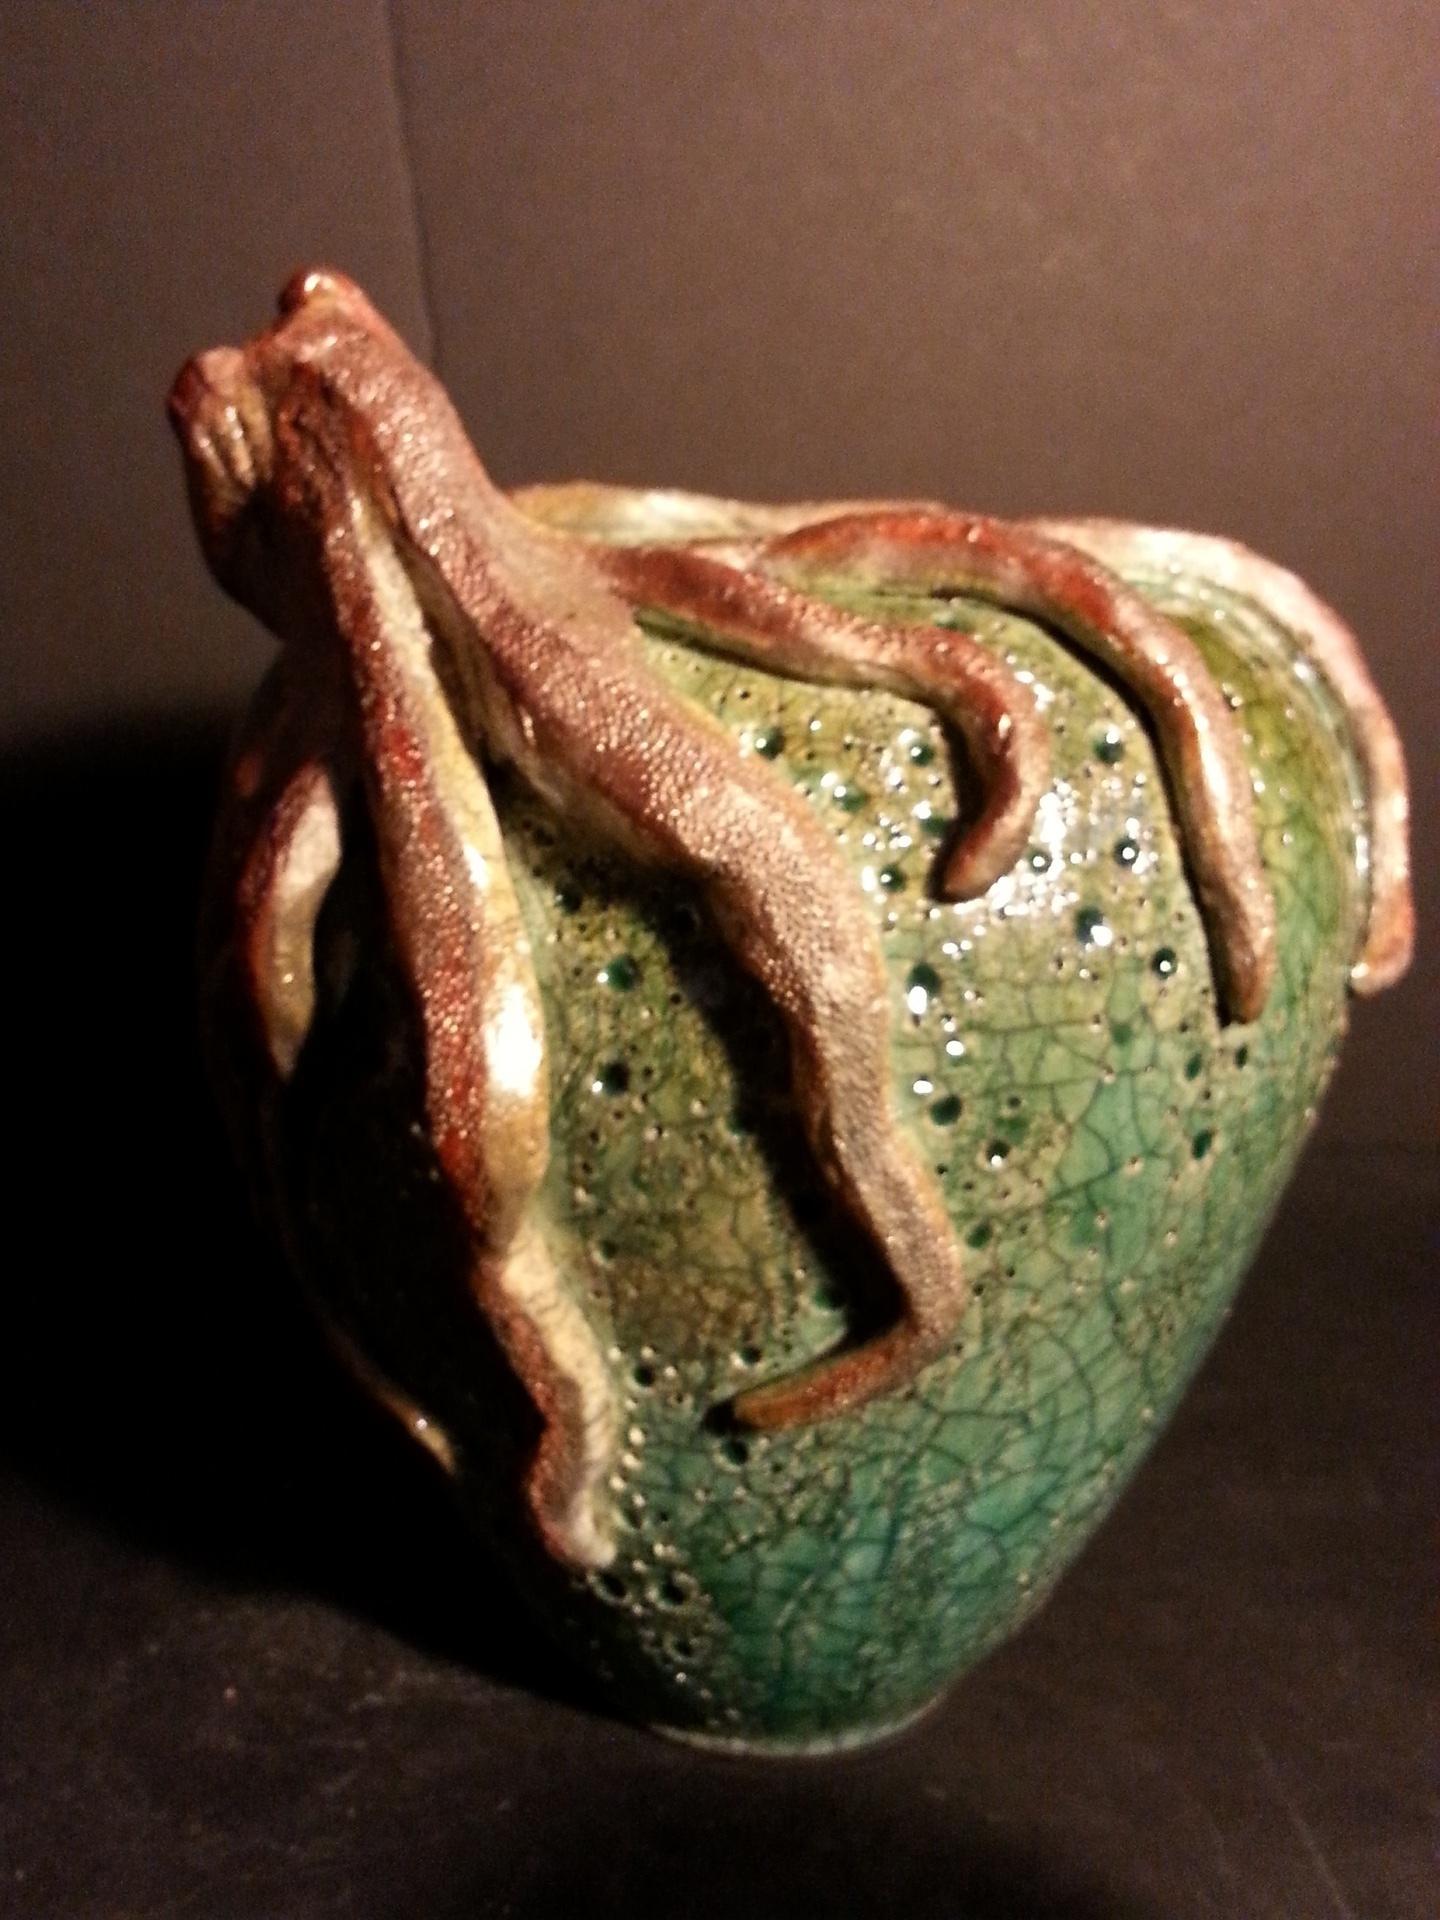 Hand built octopus, raku fired